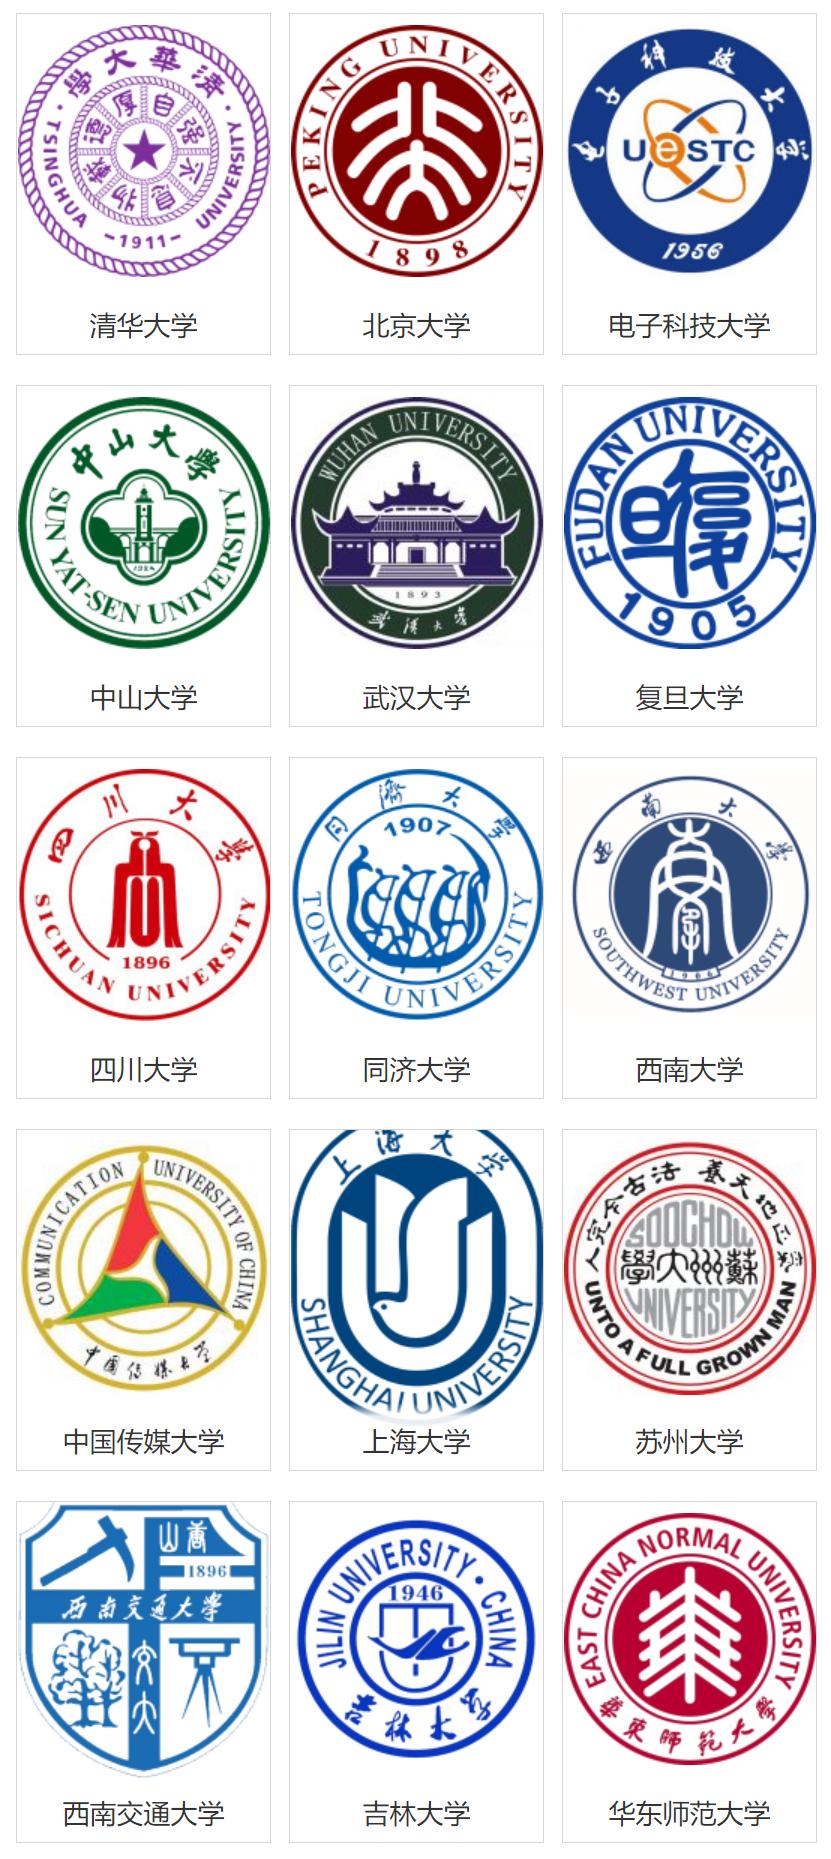 211工程大学